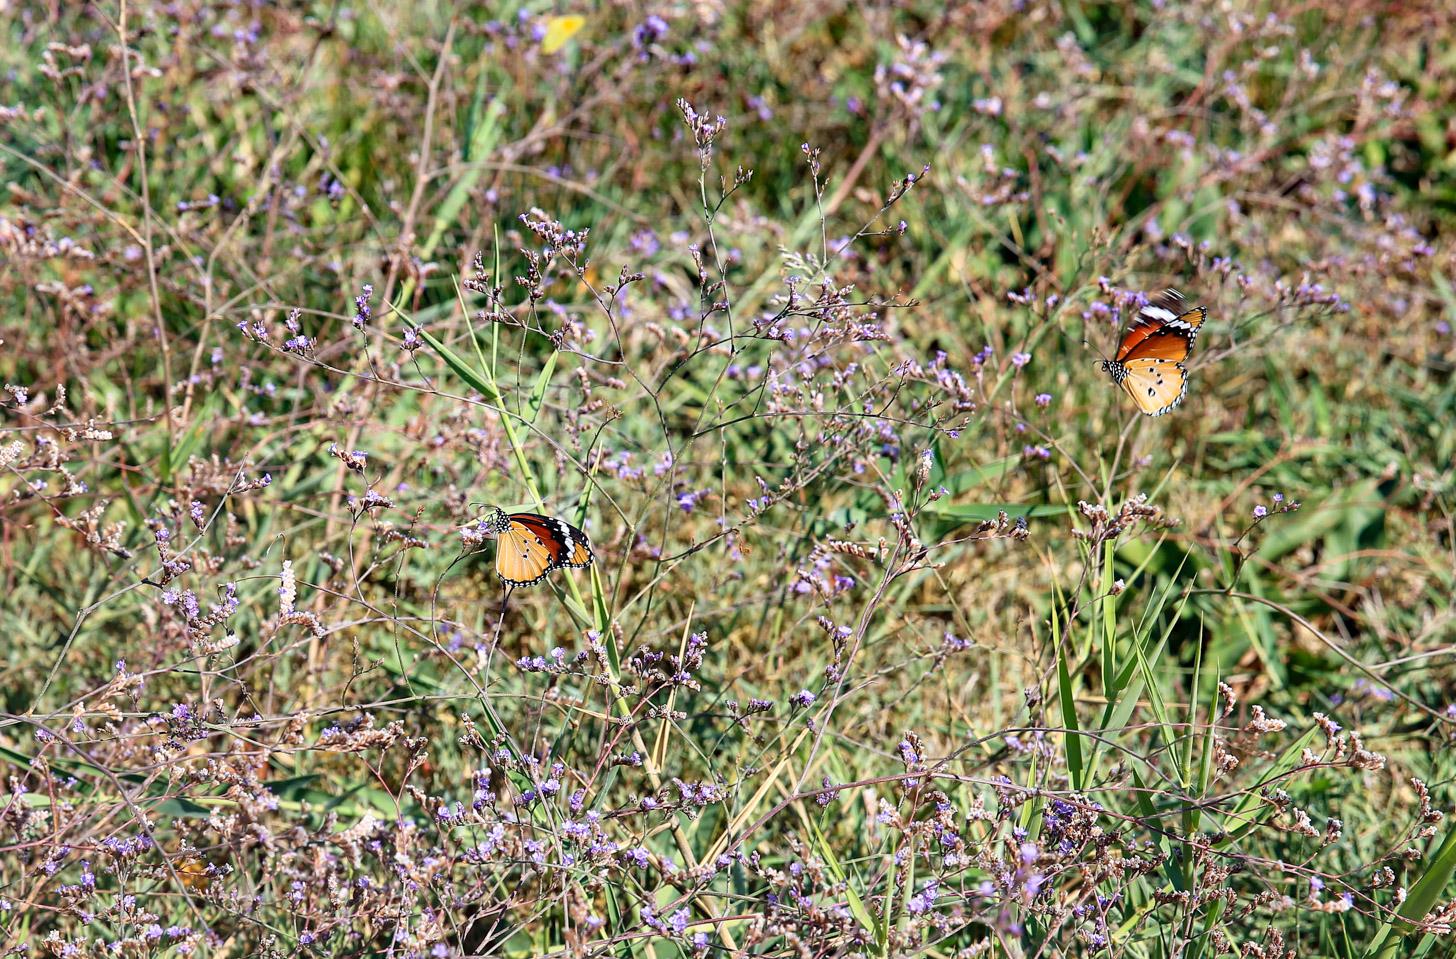 fauna op kos: vlinders